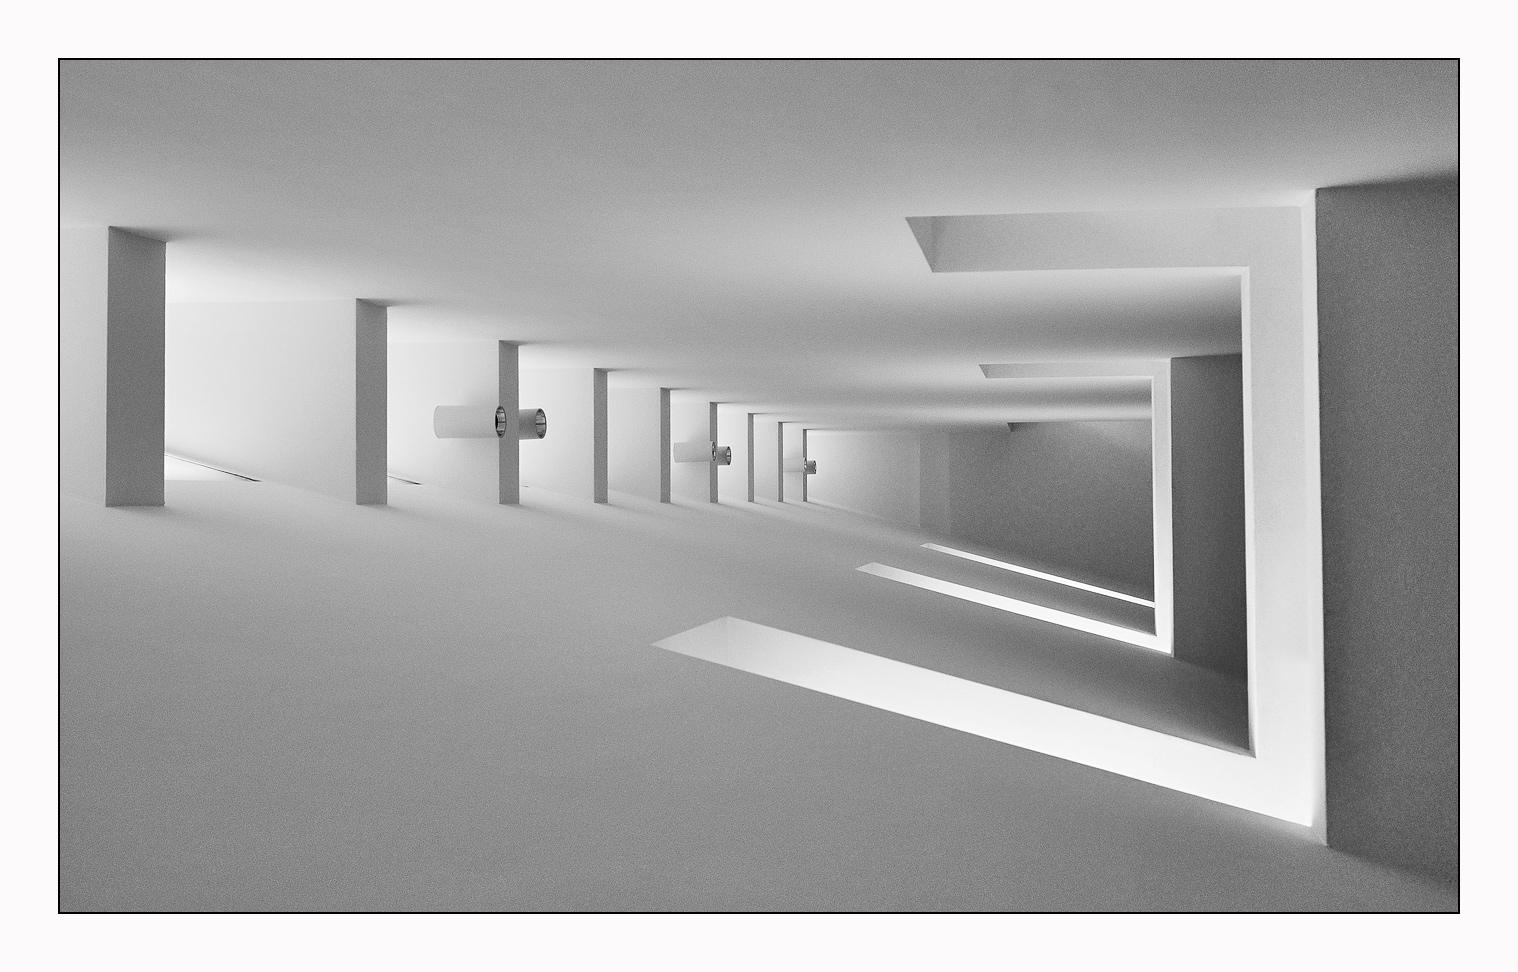 museum f r moderne kunst foto bild architektur stadtlandschaft frankfurt am main bilder. Black Bedroom Furniture Sets. Home Design Ideas